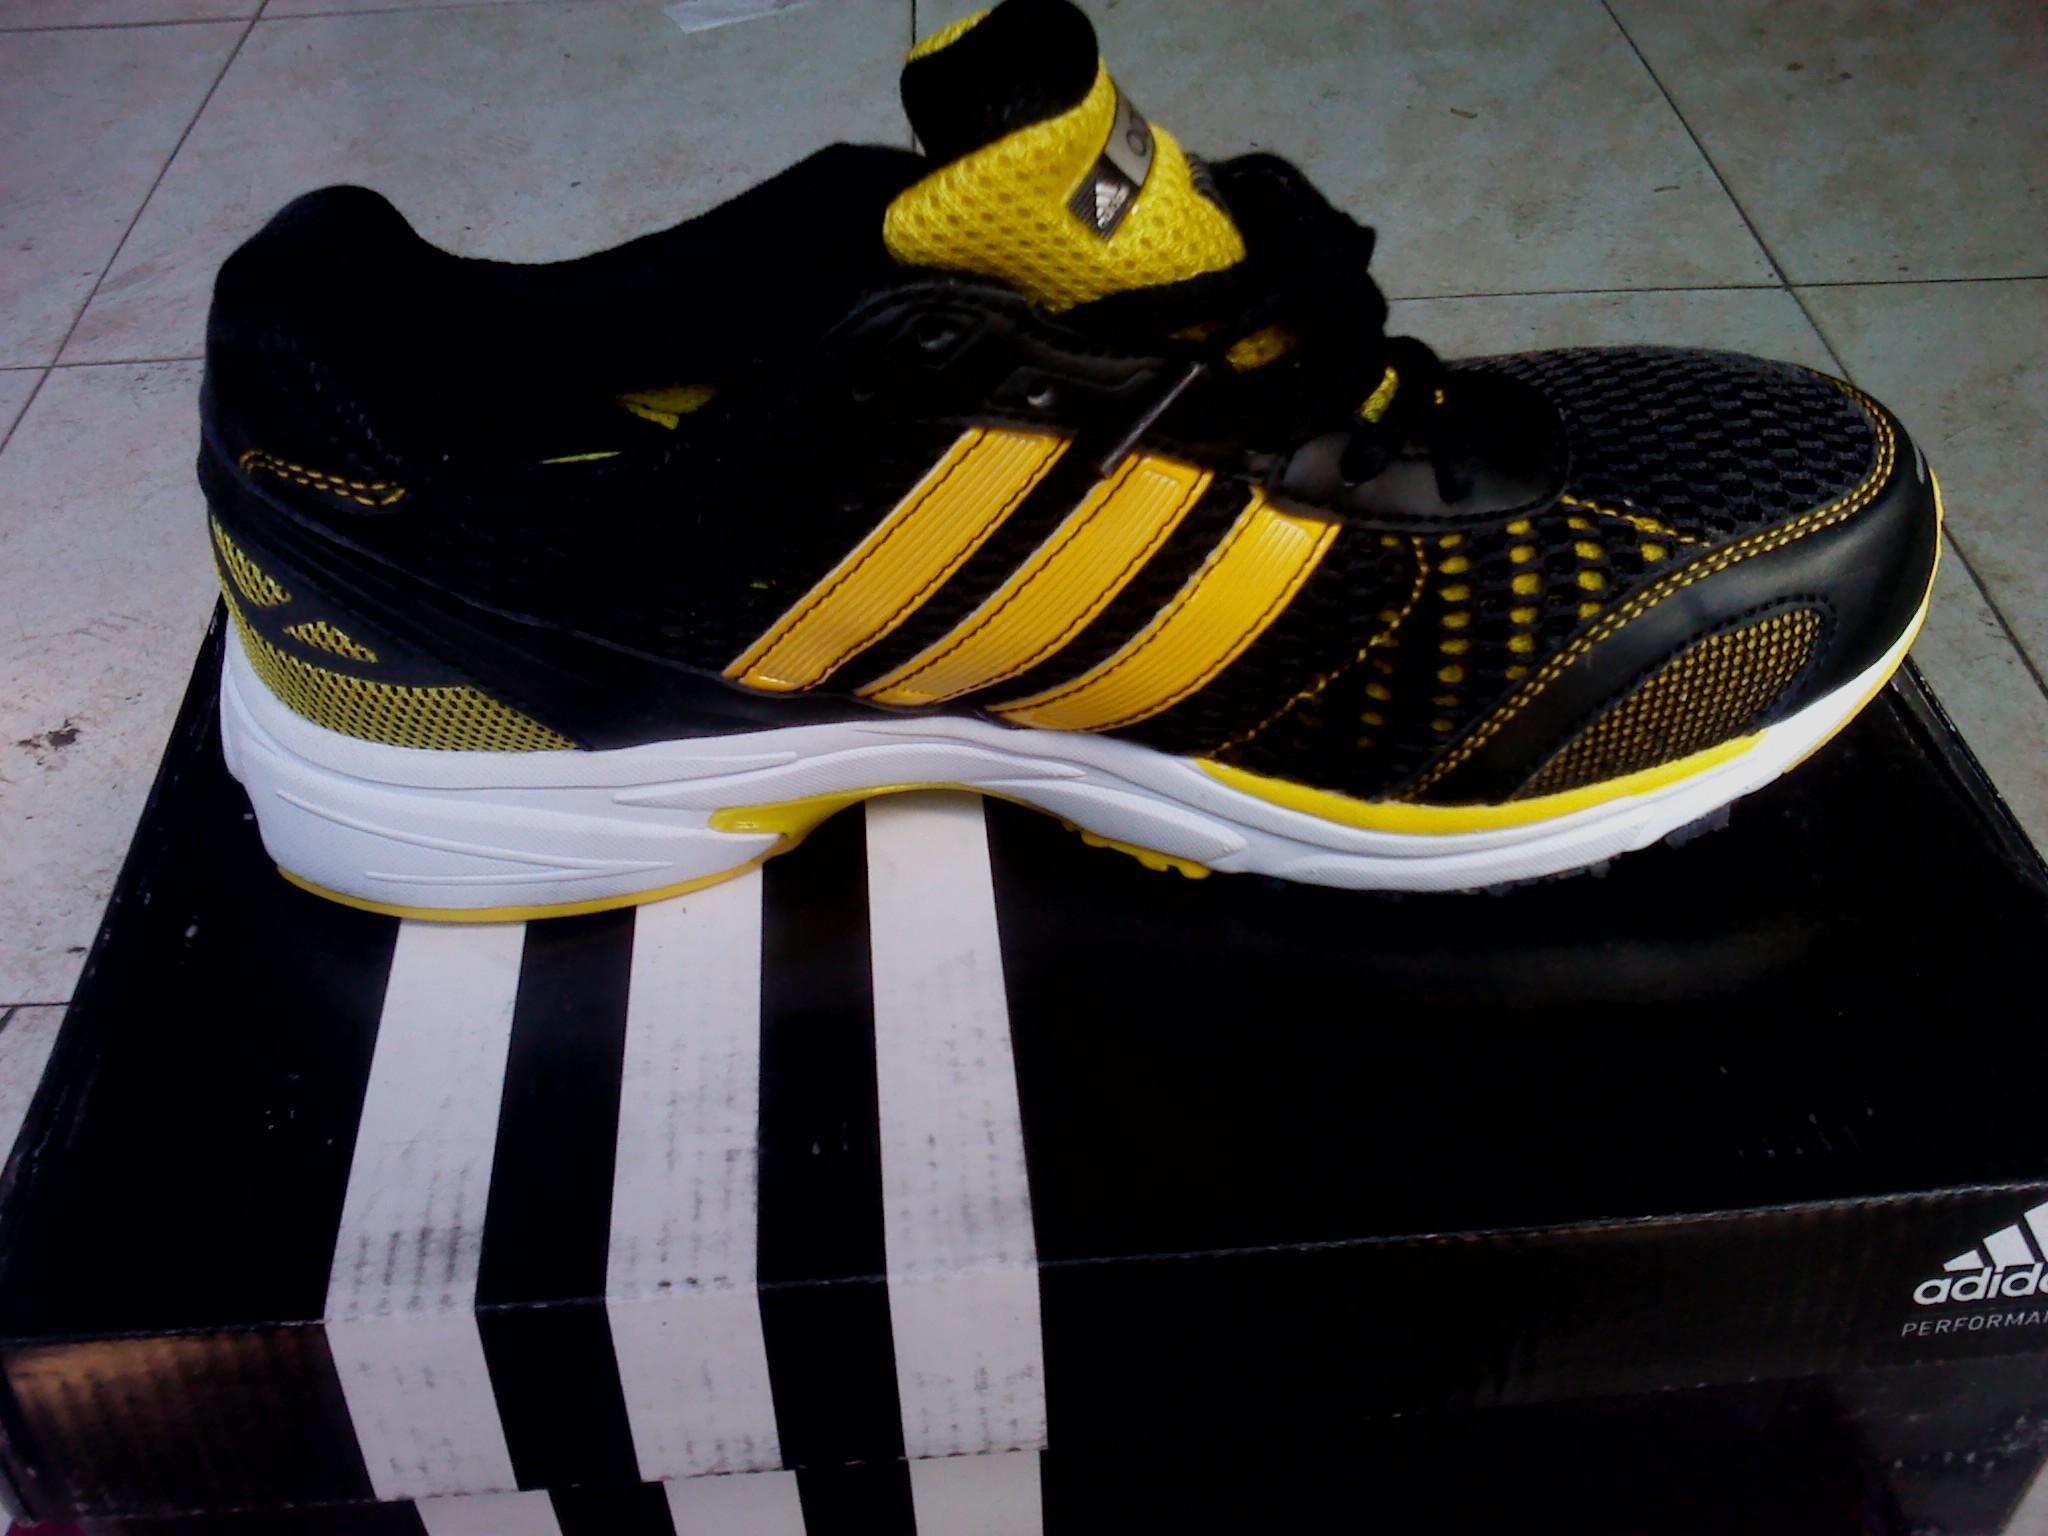 Кроссовки Adidas 931396d Adizero Универсальная Летом 2011 года Сетка